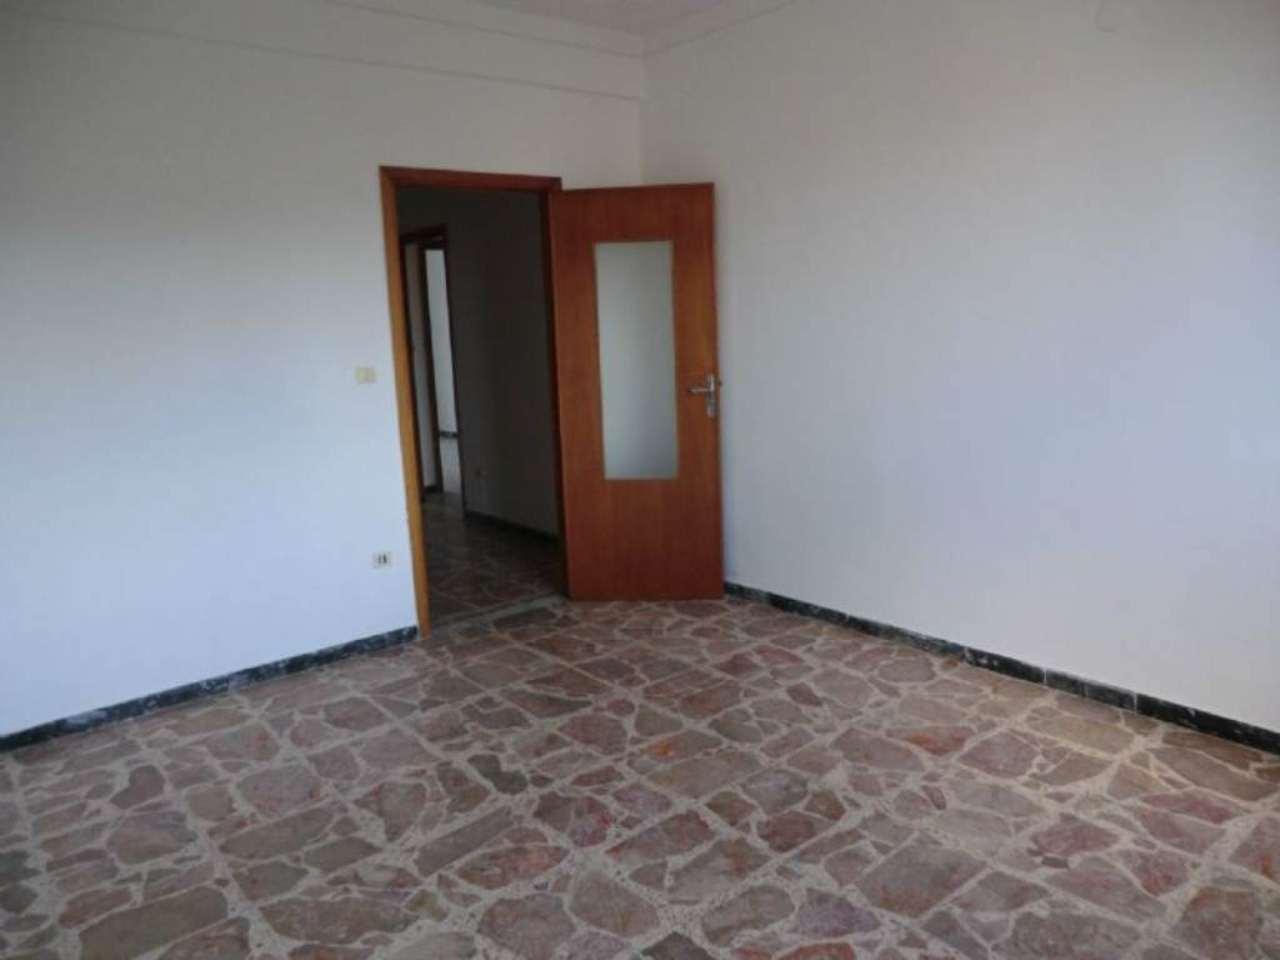 Appartamento in vendita a Sassari, 4 locali, prezzo € 130.000 | CambioCasa.it